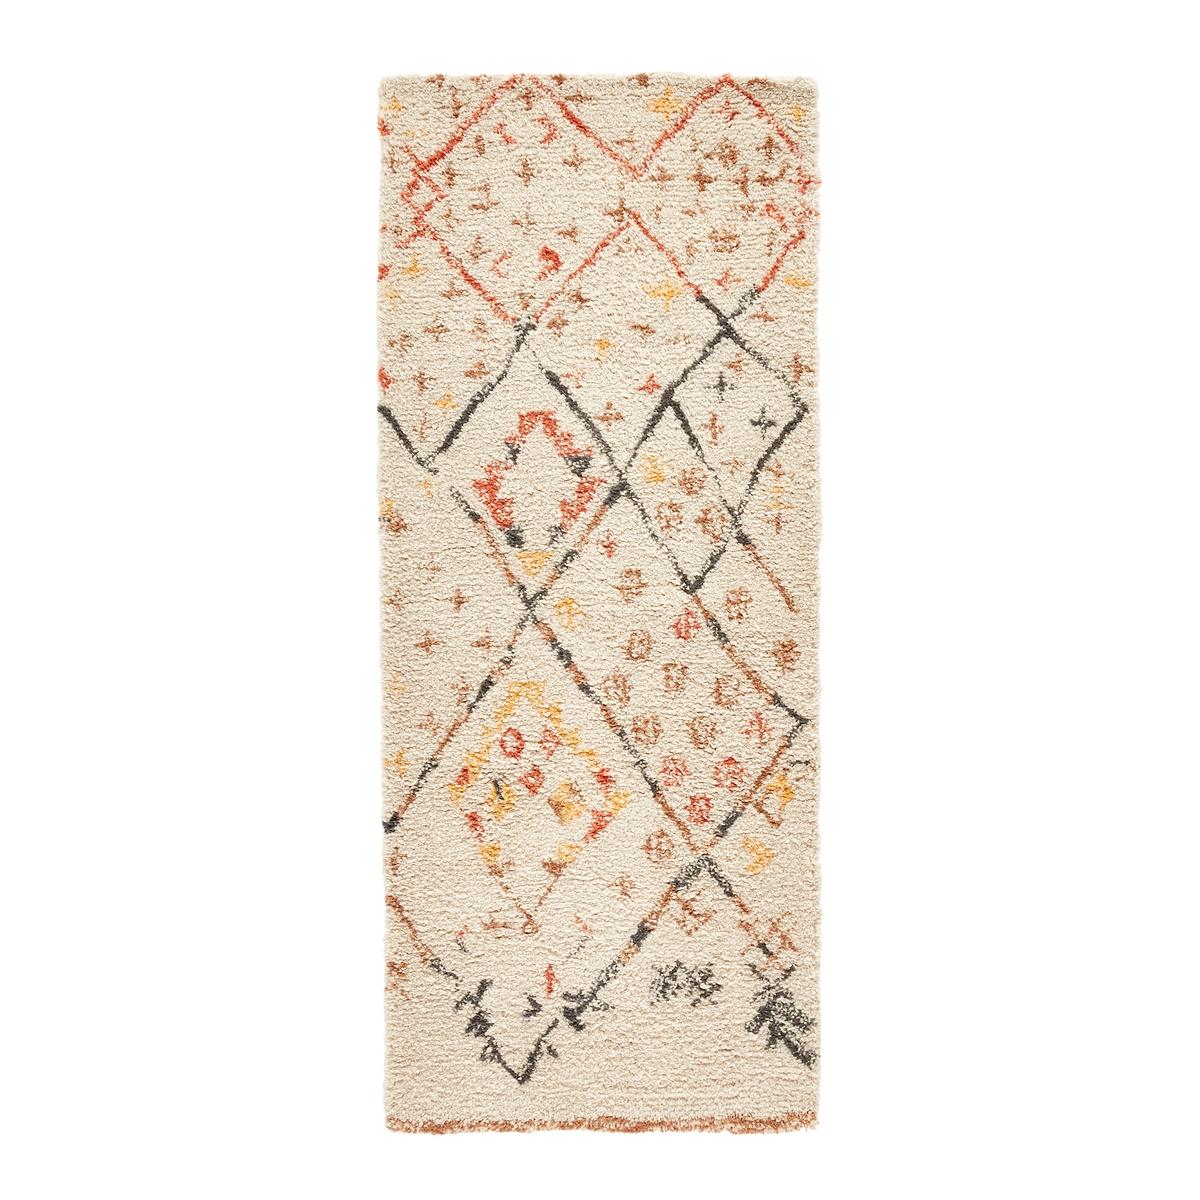 Ковровая La Redoute Дорожка для коридора в берберском стиле из шерсти Ashwin 80 x 200 см бежевый ковер la redoute в берберском стиле из шерсти tekouma 120 x 180 см бежевый